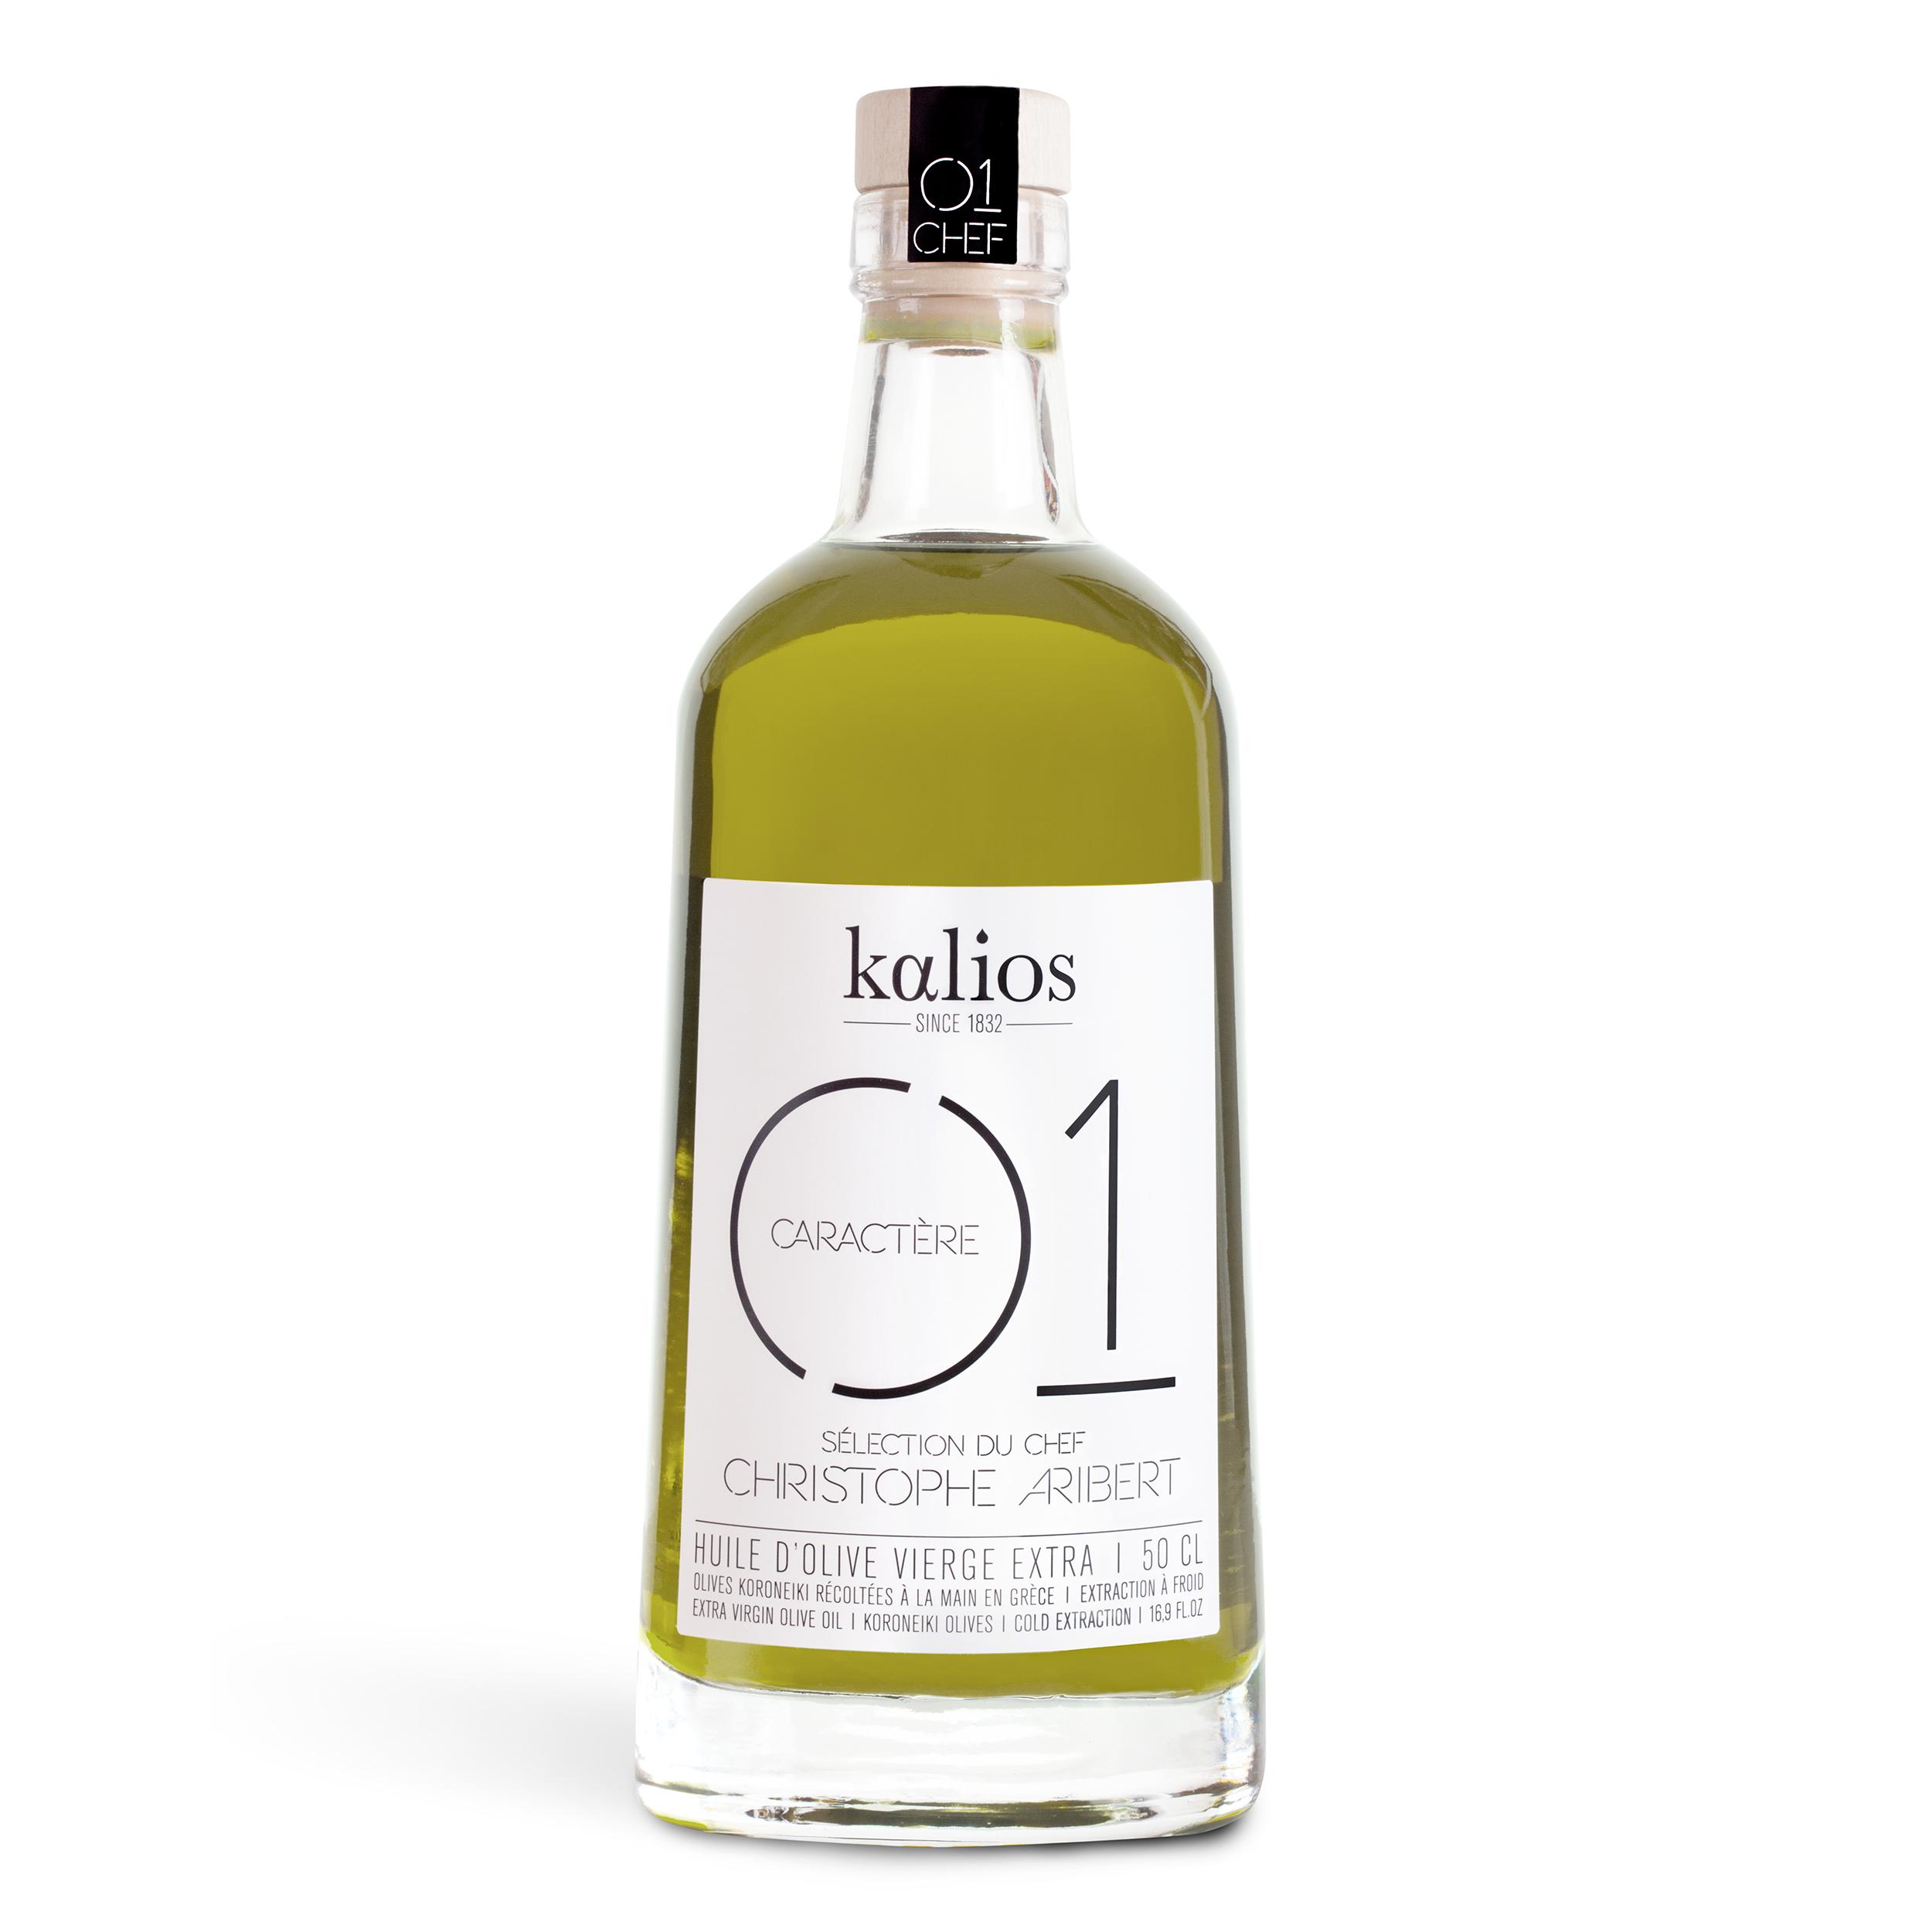 Huile d'olive 01 Caractère Chef Christophe Aribert, Kalios (50 cl)